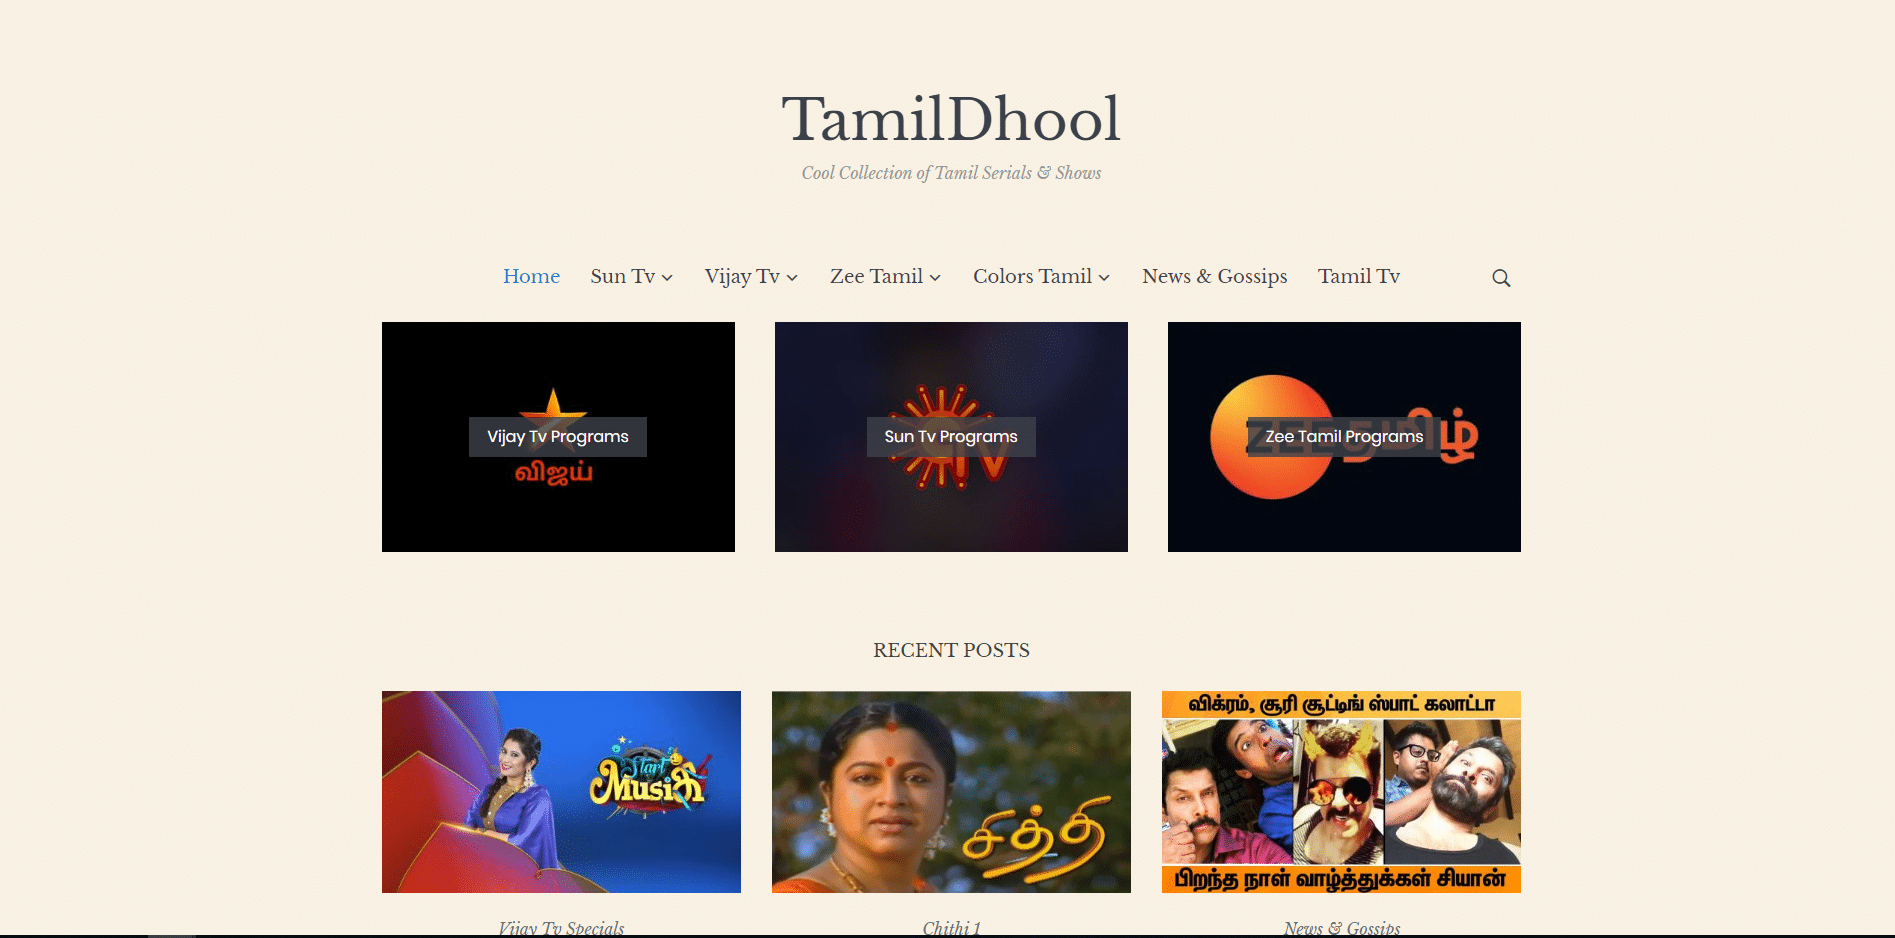 Tamildhool website